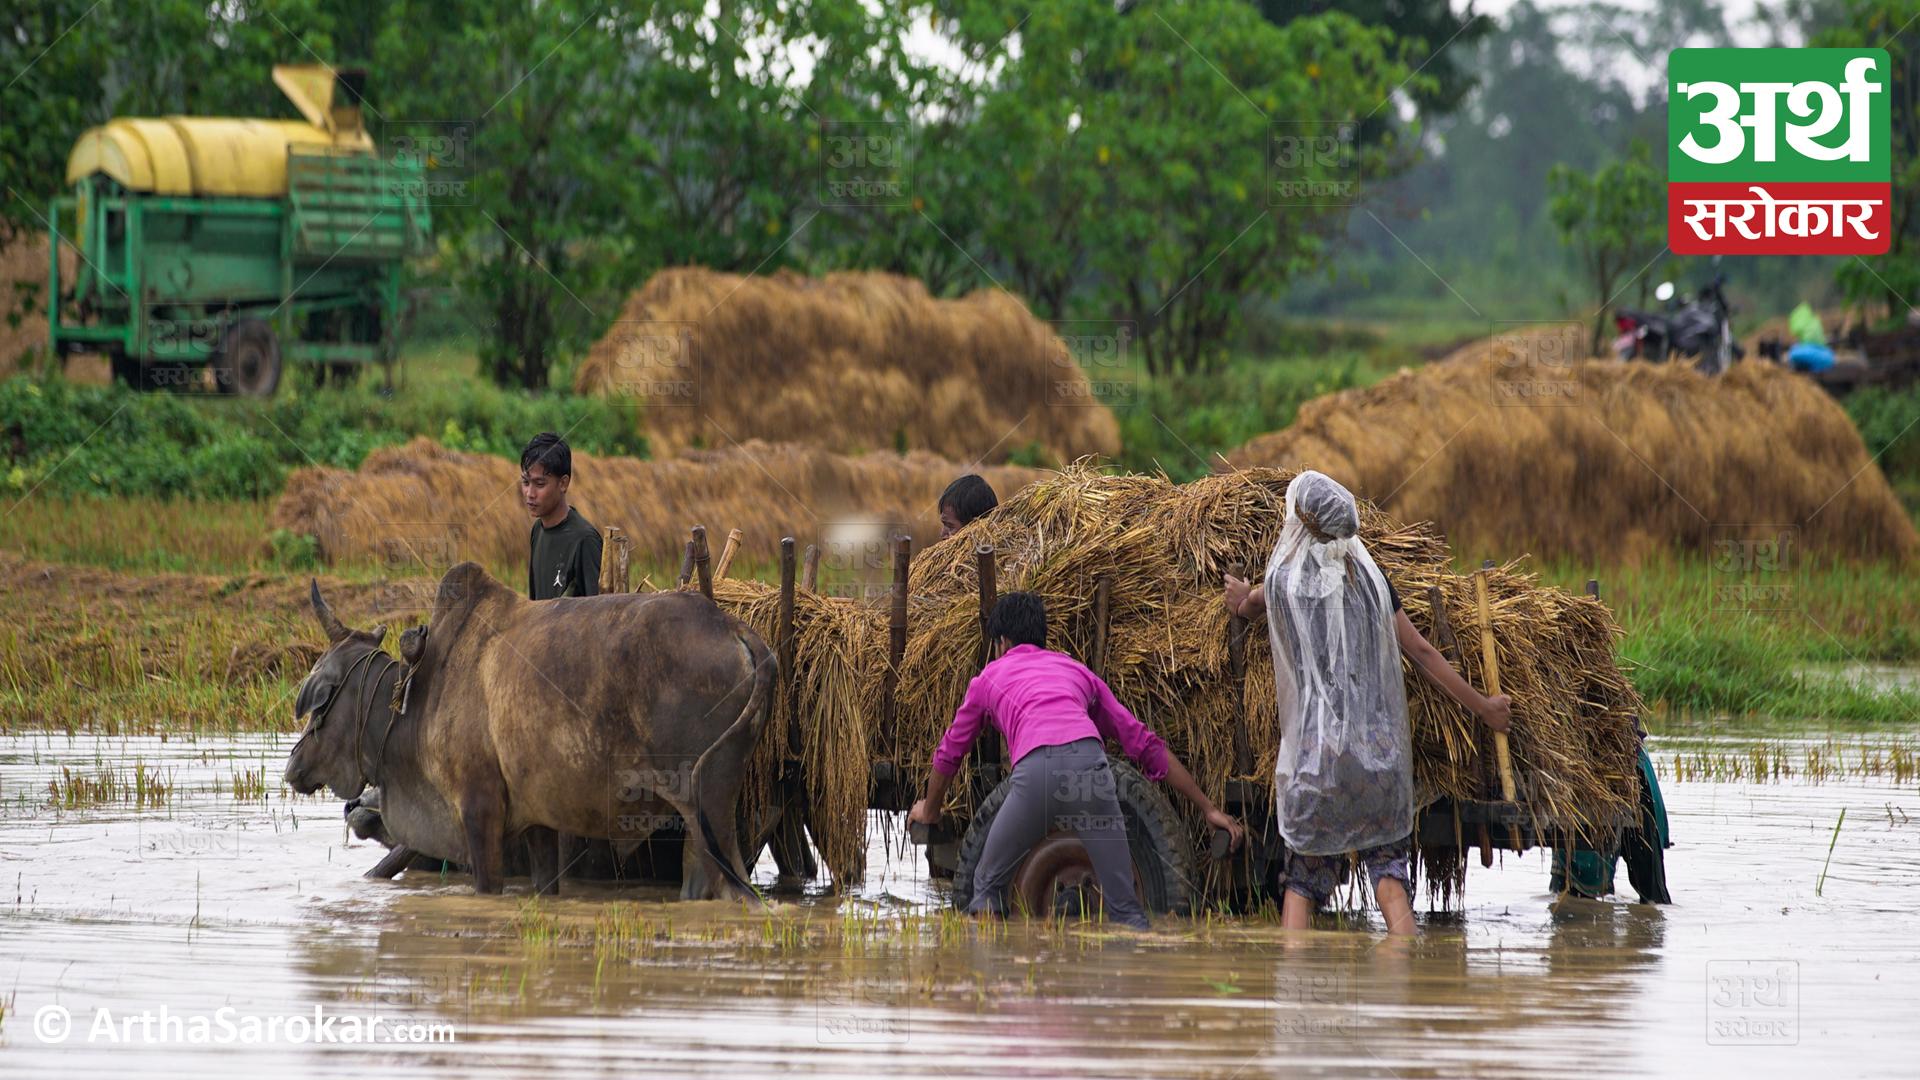 सुदूरमा हिउँदे झरीको वितण्डाः किसान रुँदै भिजेको अन्न बोक्दैछन्…(फोटो-कथा)